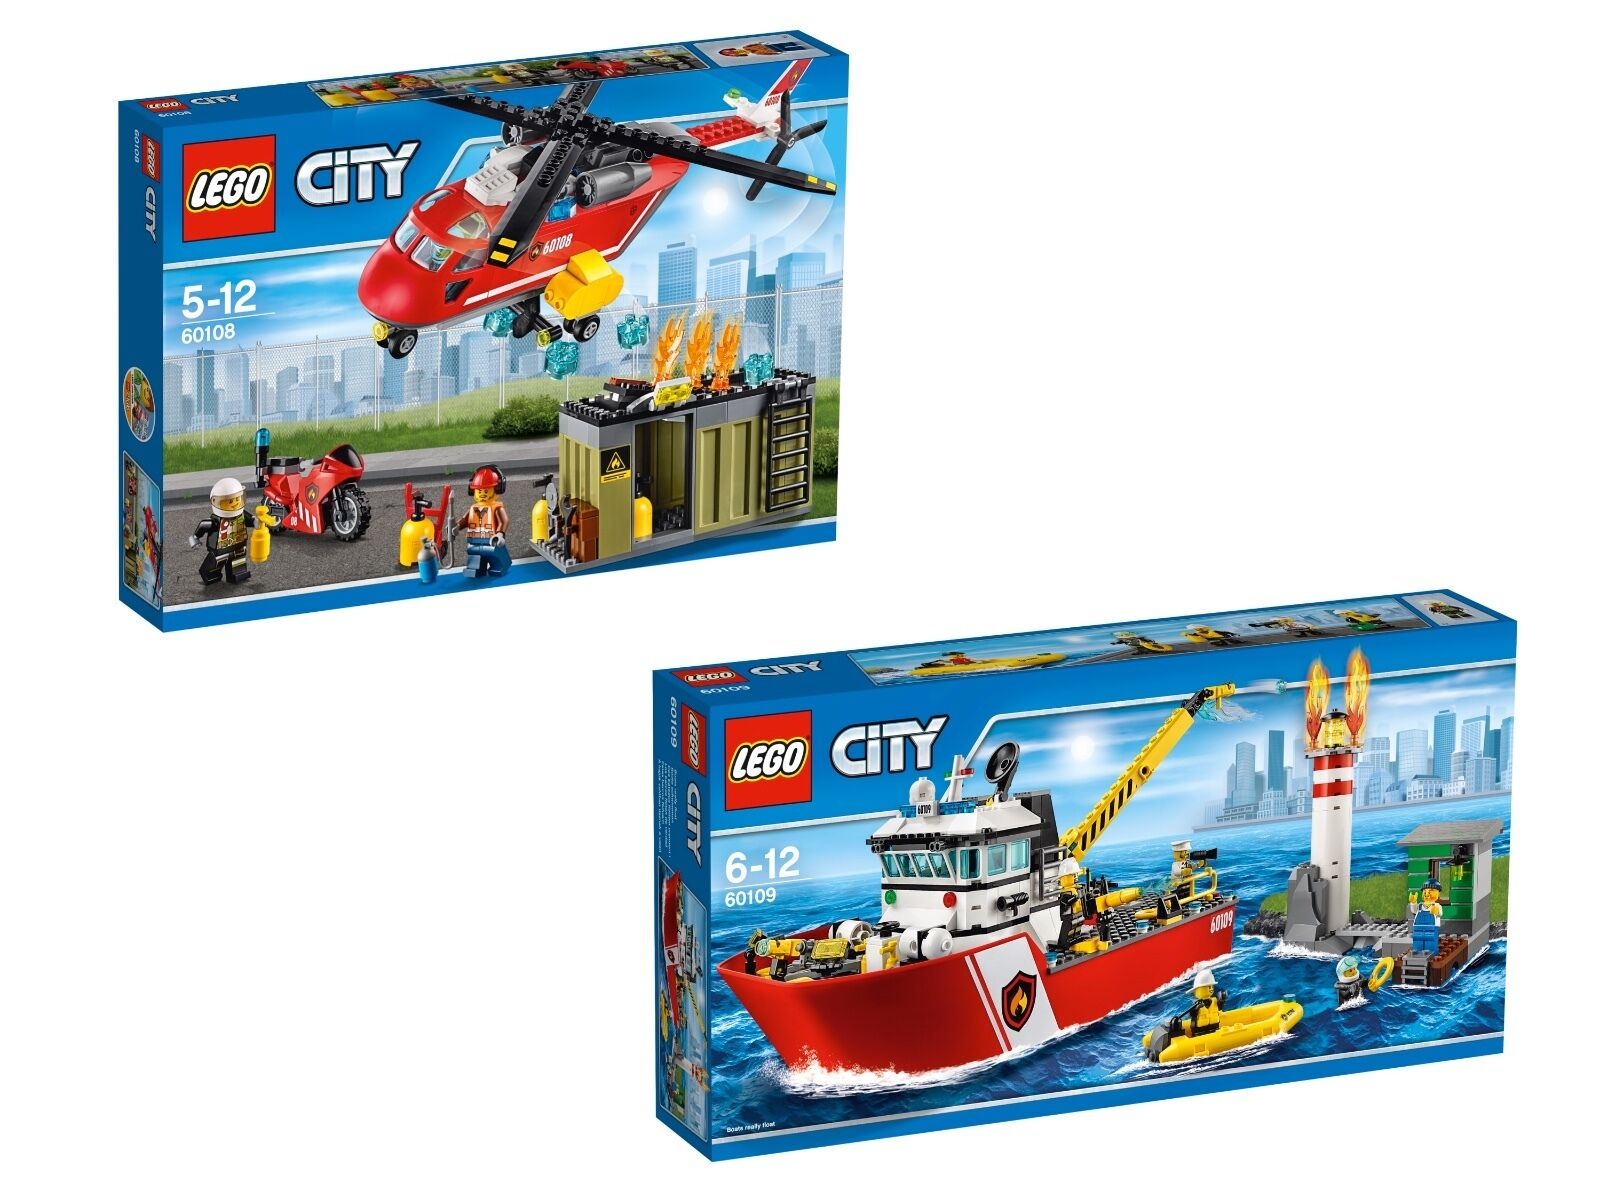 LEGO ® CITY bon Paquet 60108  60109 Pompiers-löscheinheit  POMPIERS bateau NEUF